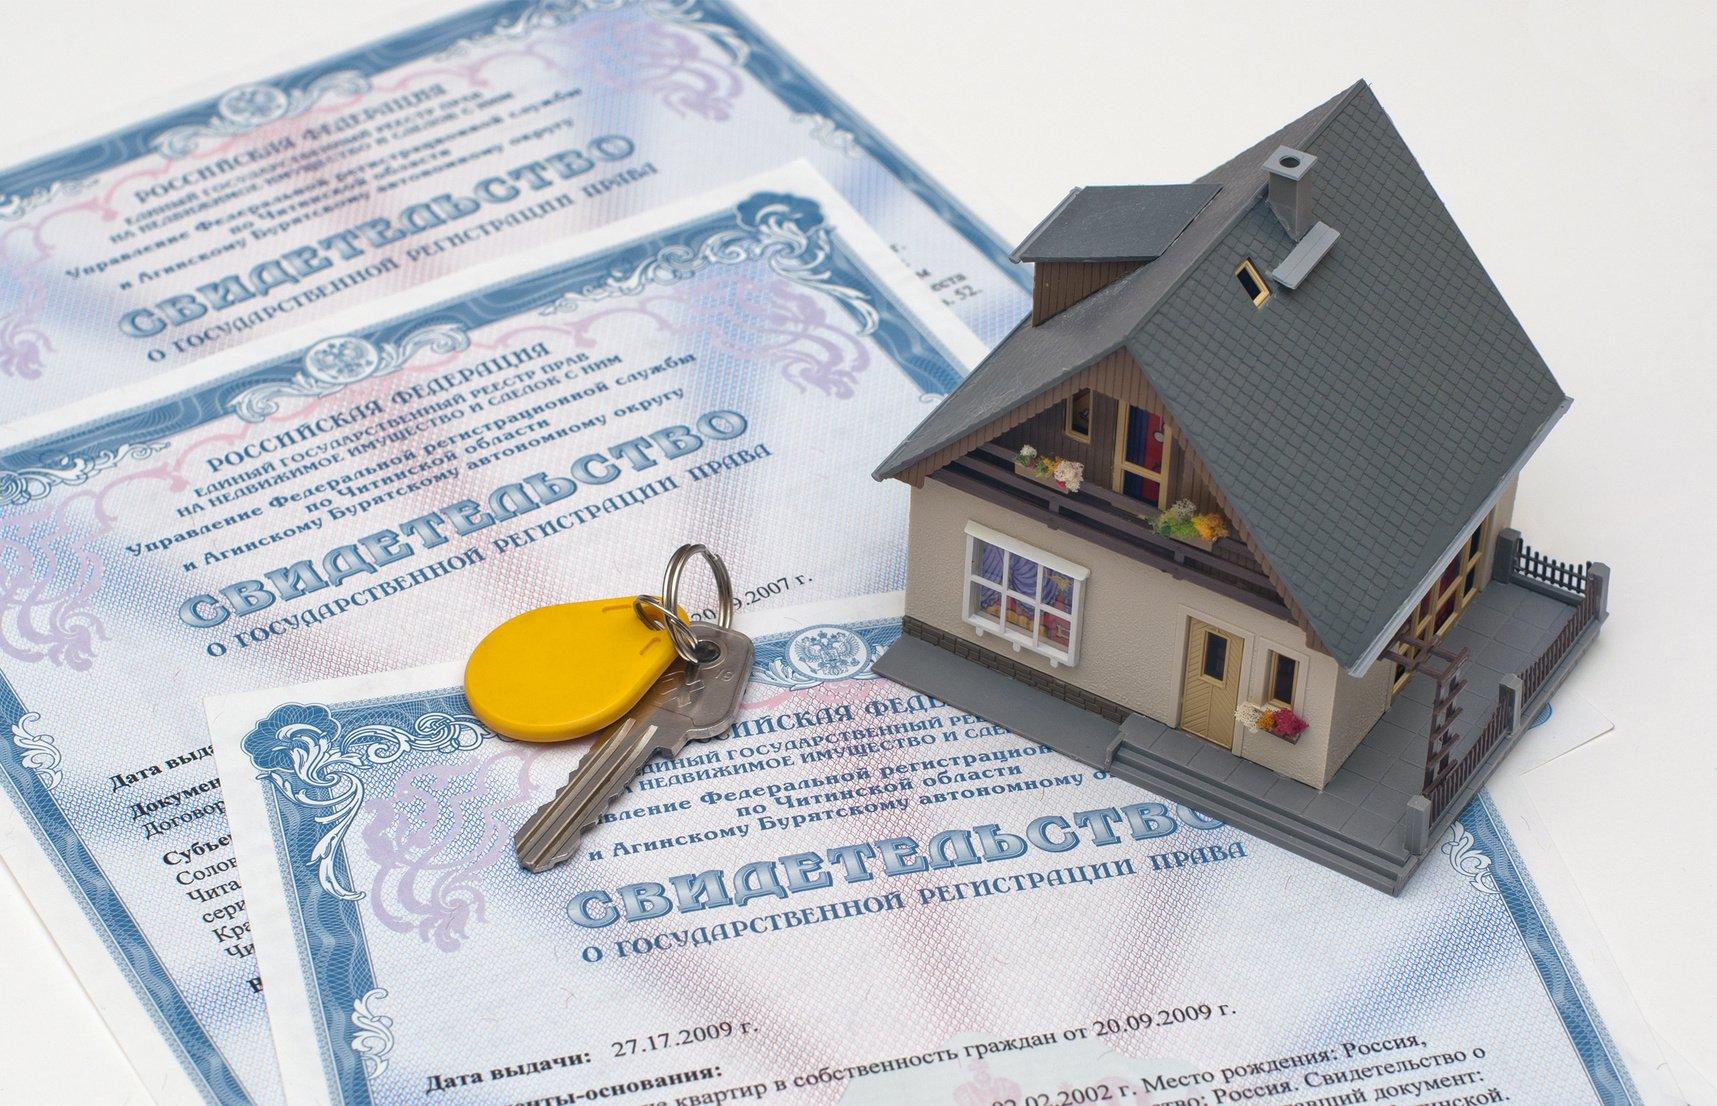 Как восстановить документы на квартиру при утере